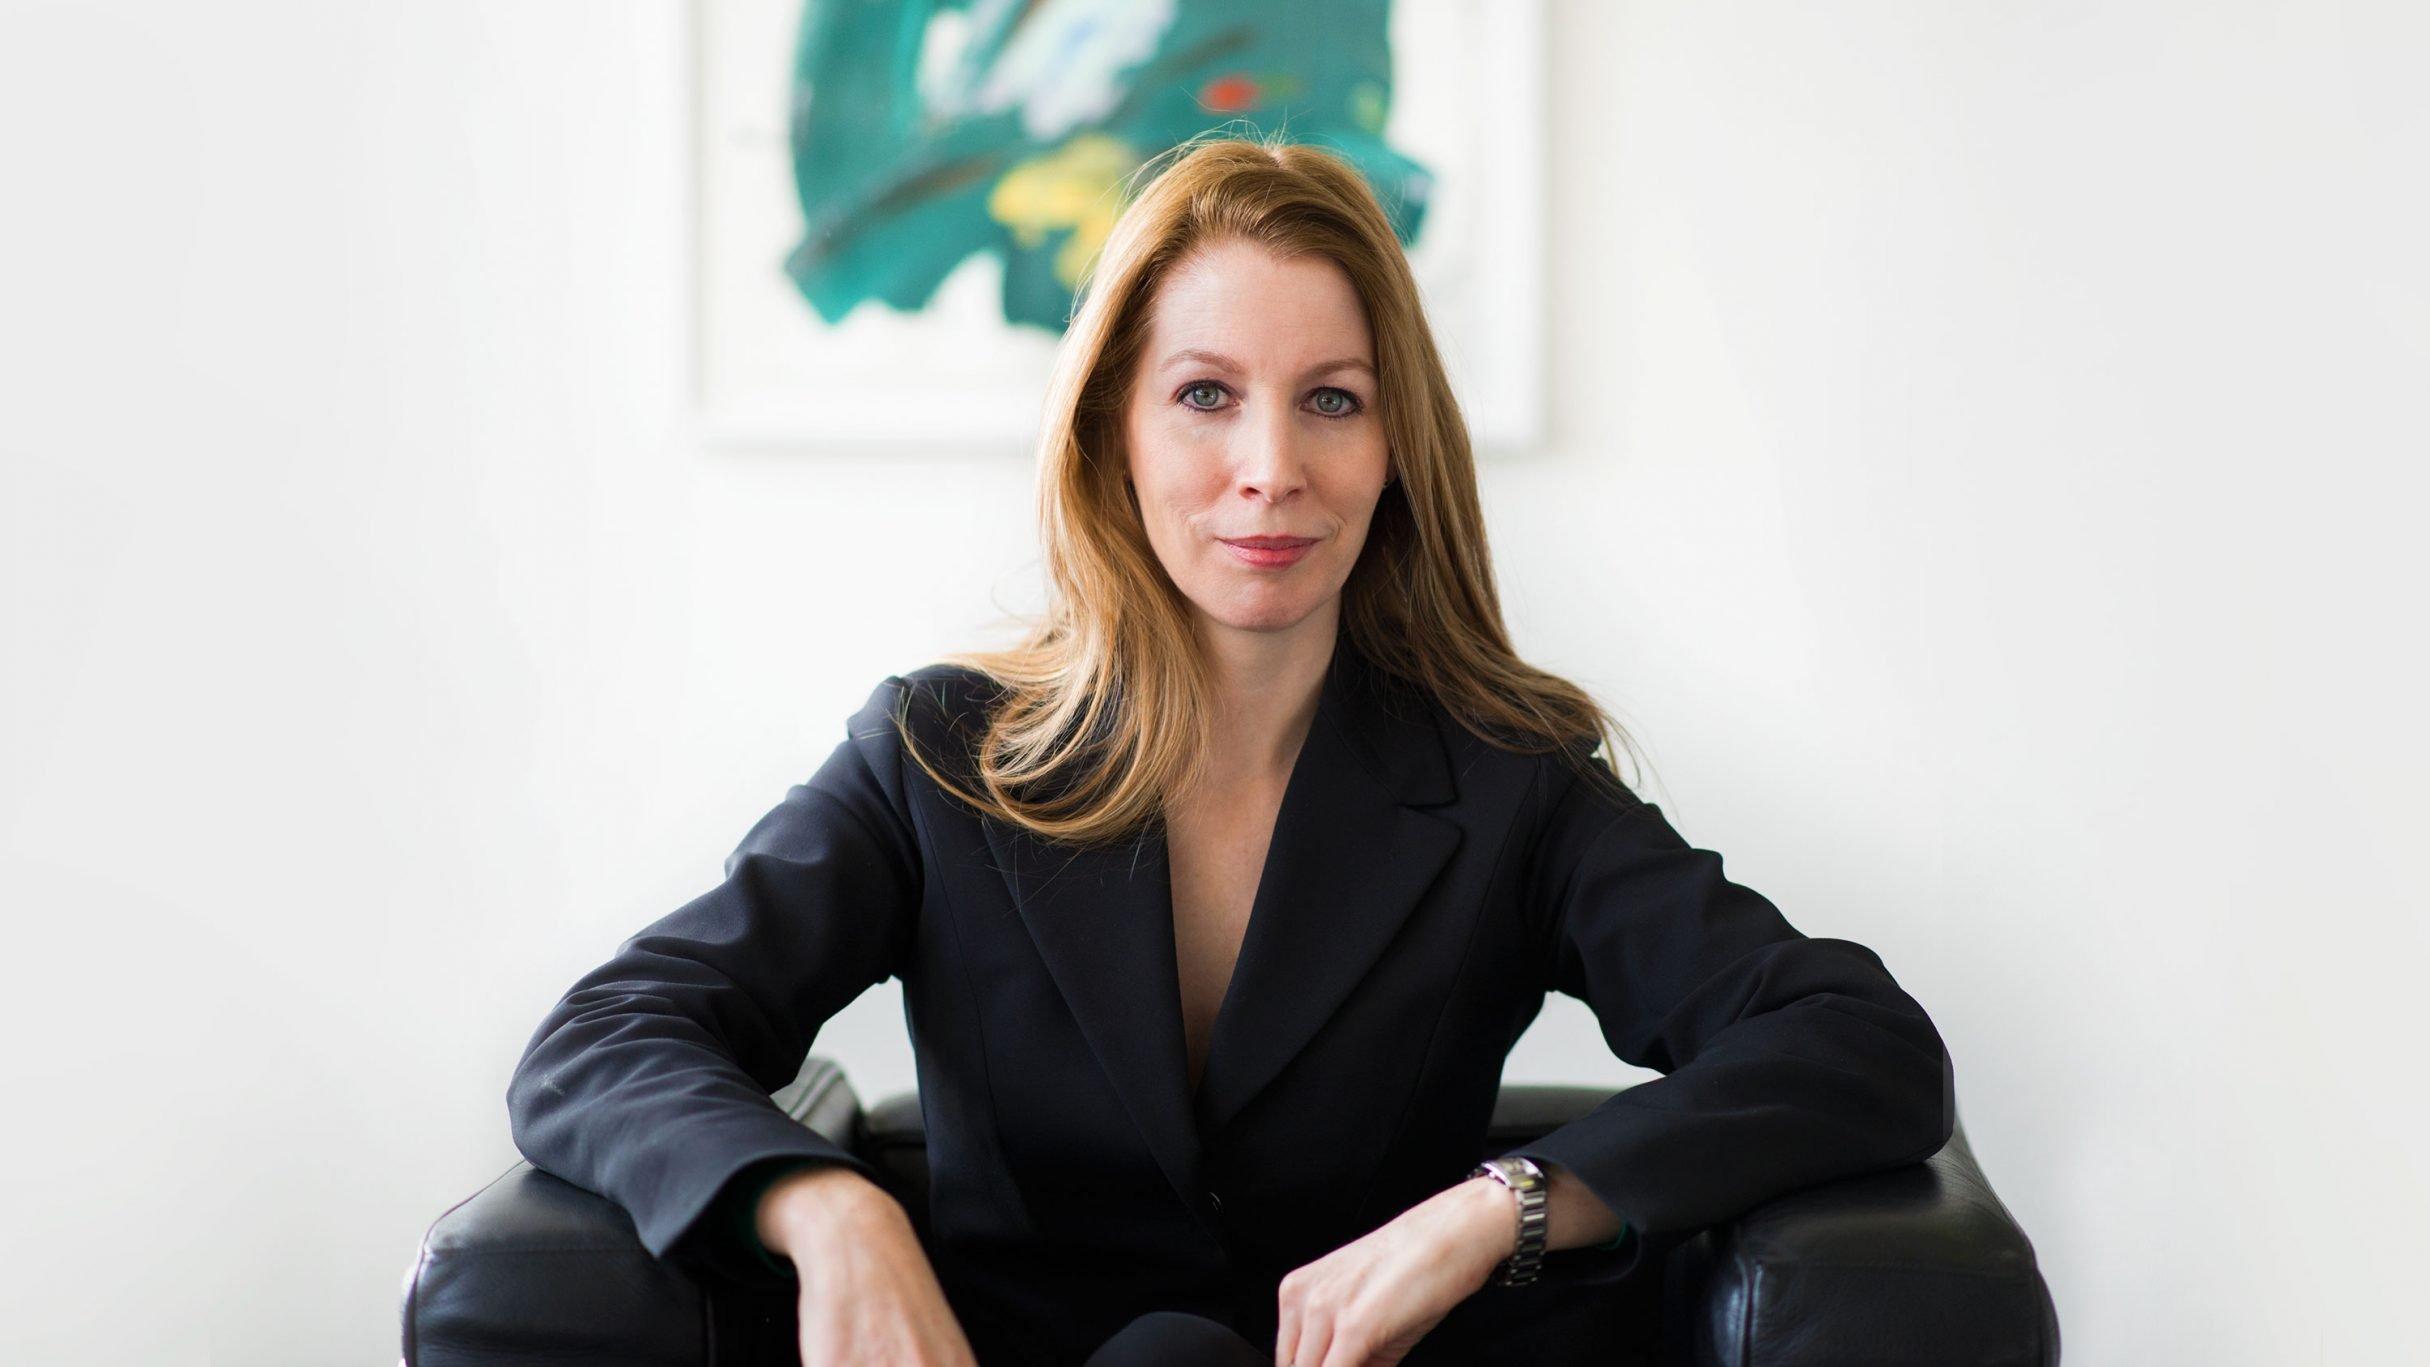 Businessfotografie, Daniela Vaih für Dr. Vaih und Partner: DIE NEUDENKER® Agentur, Darmstadt